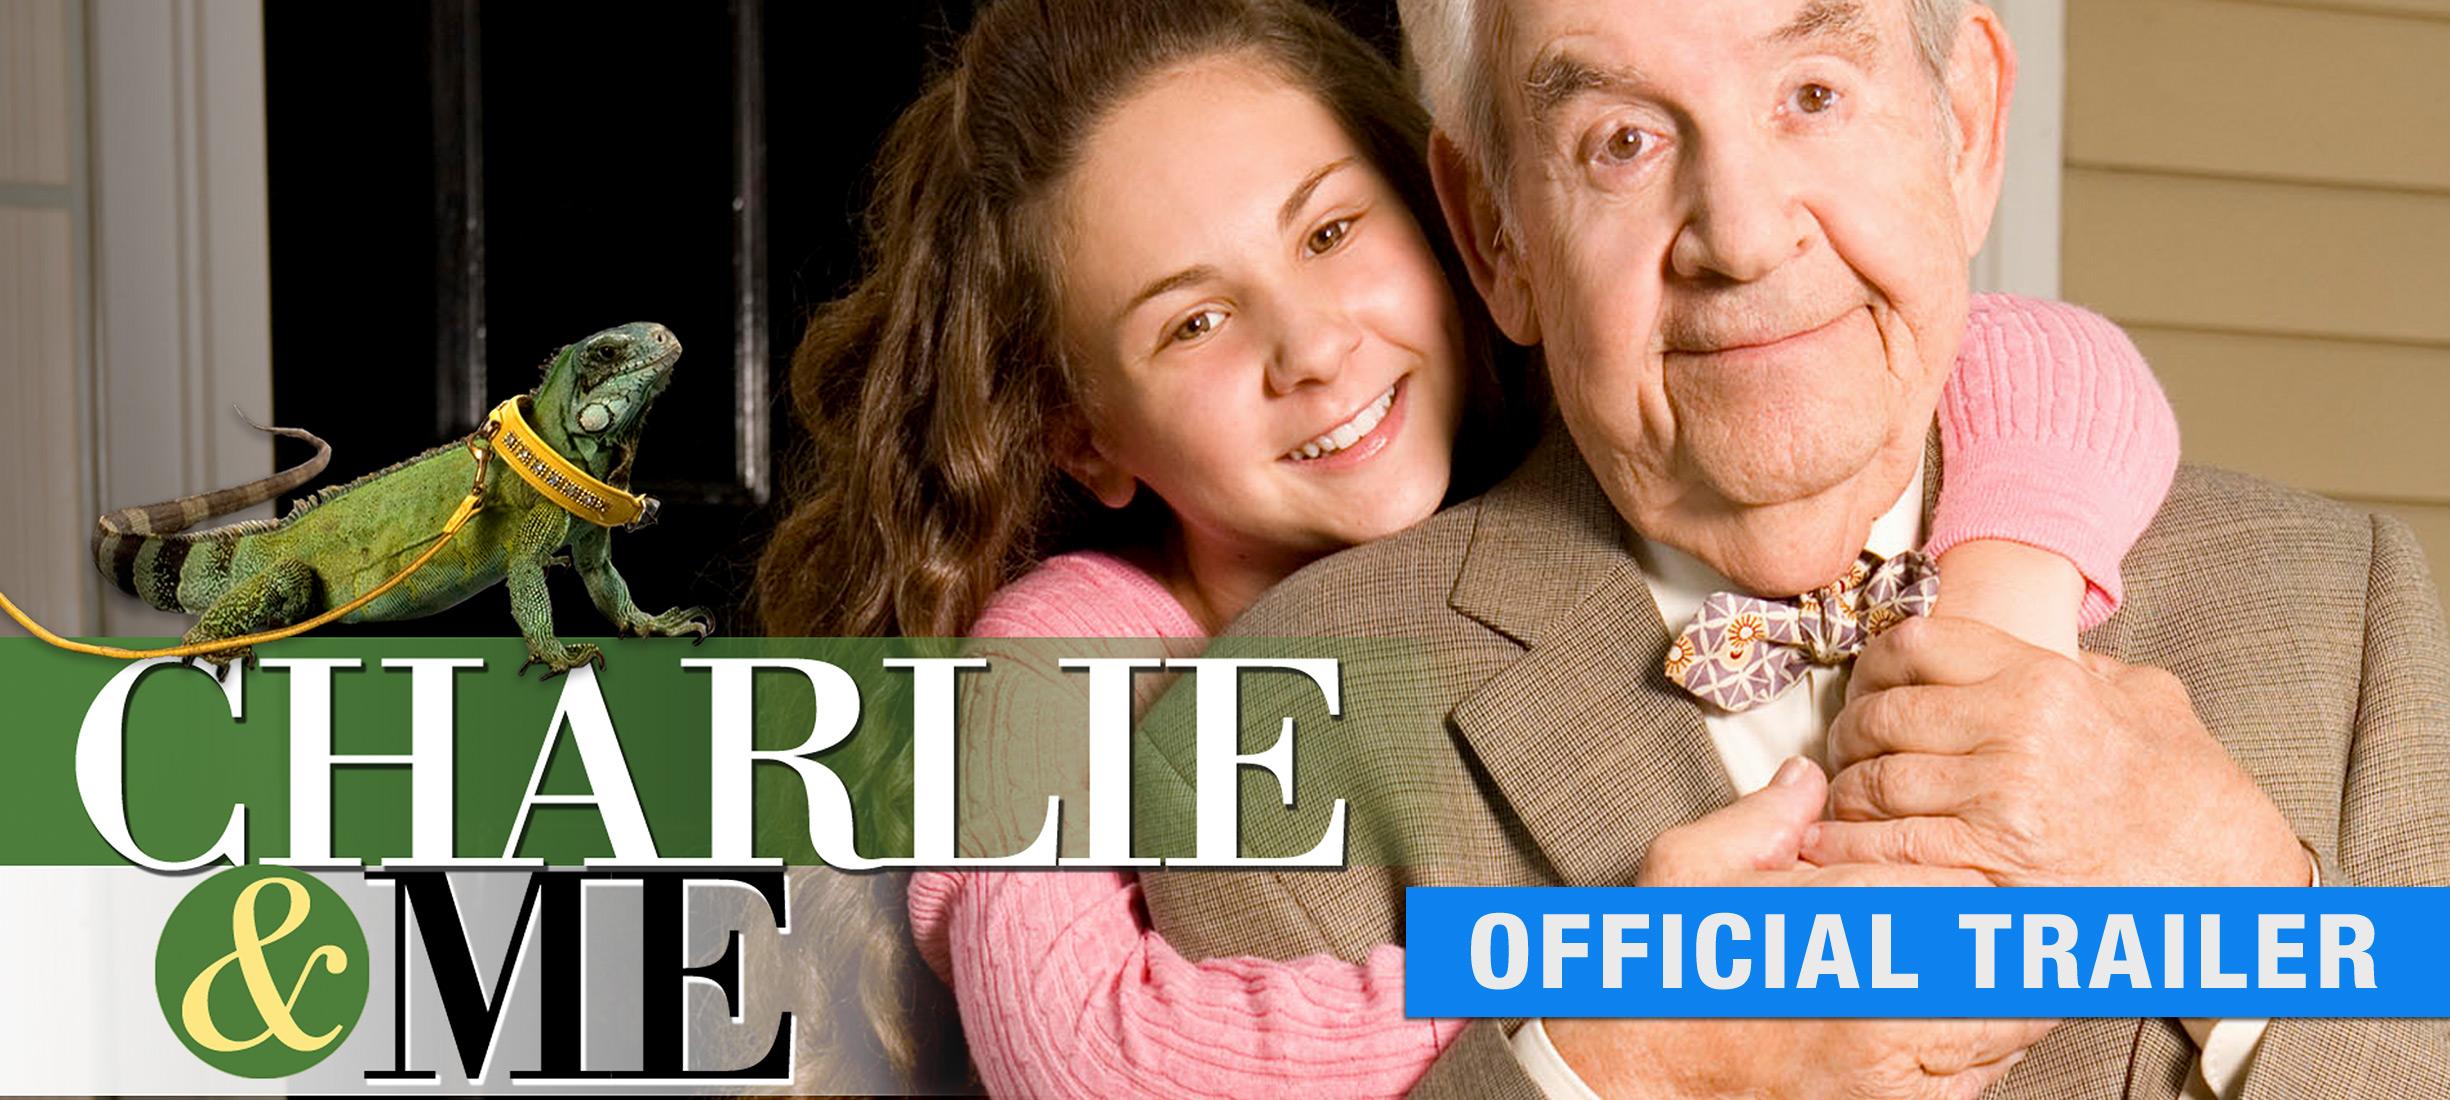 Charlie & Me: Trailer